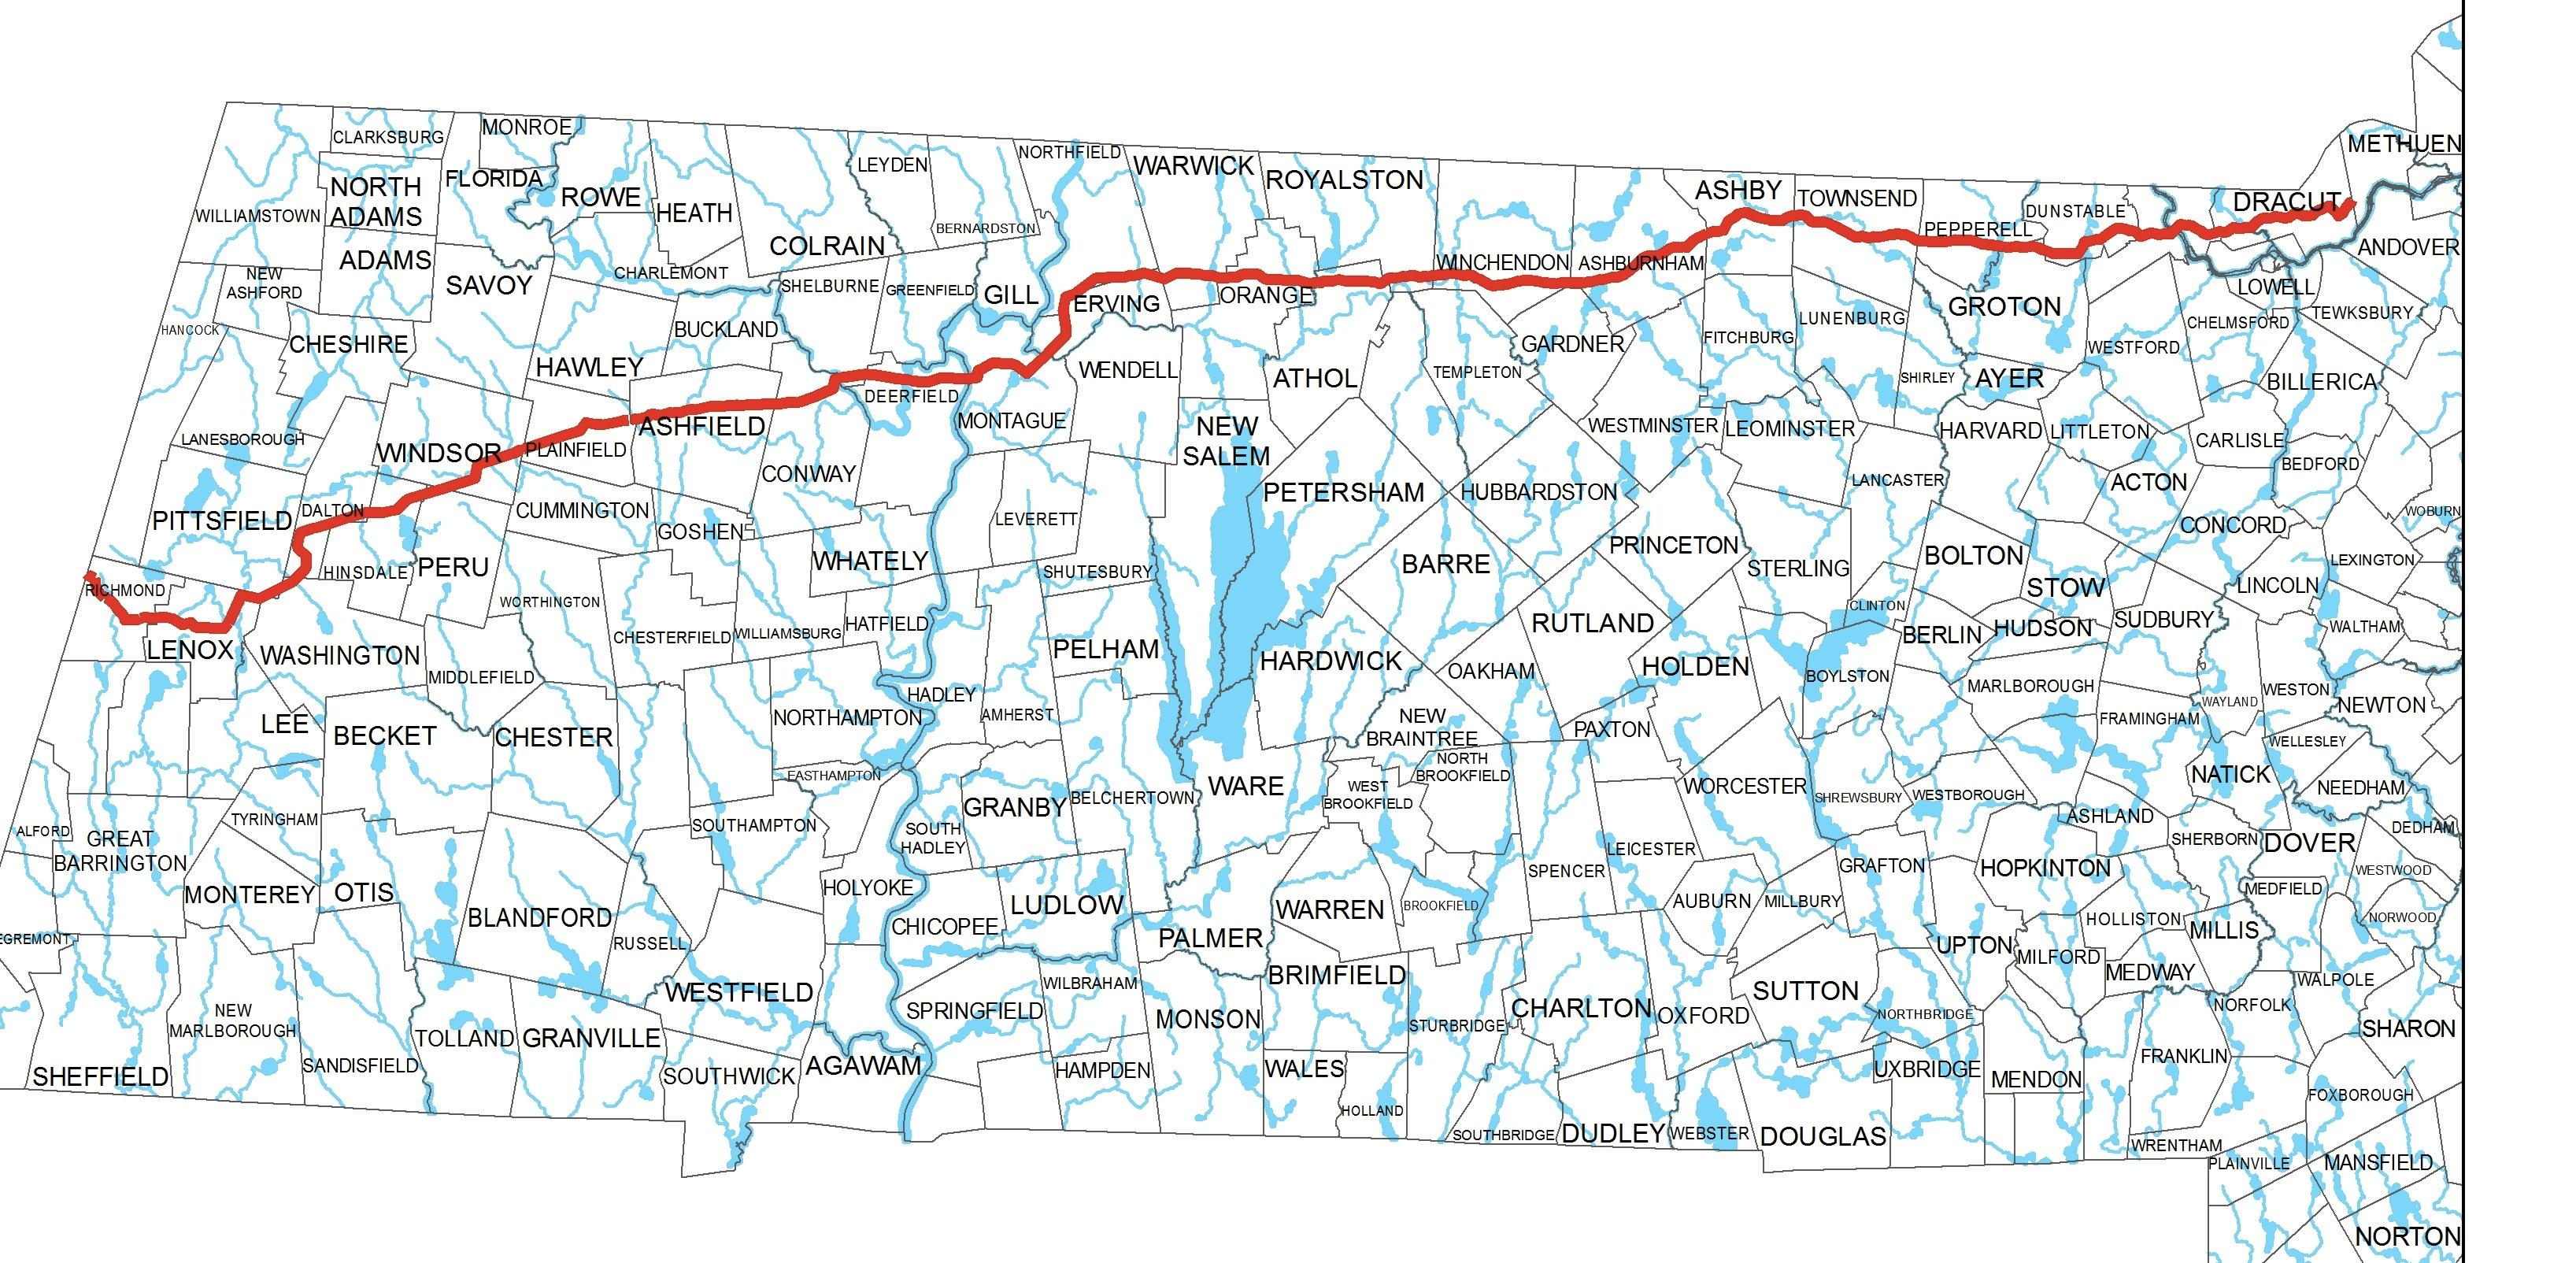 Kinder Morgan map